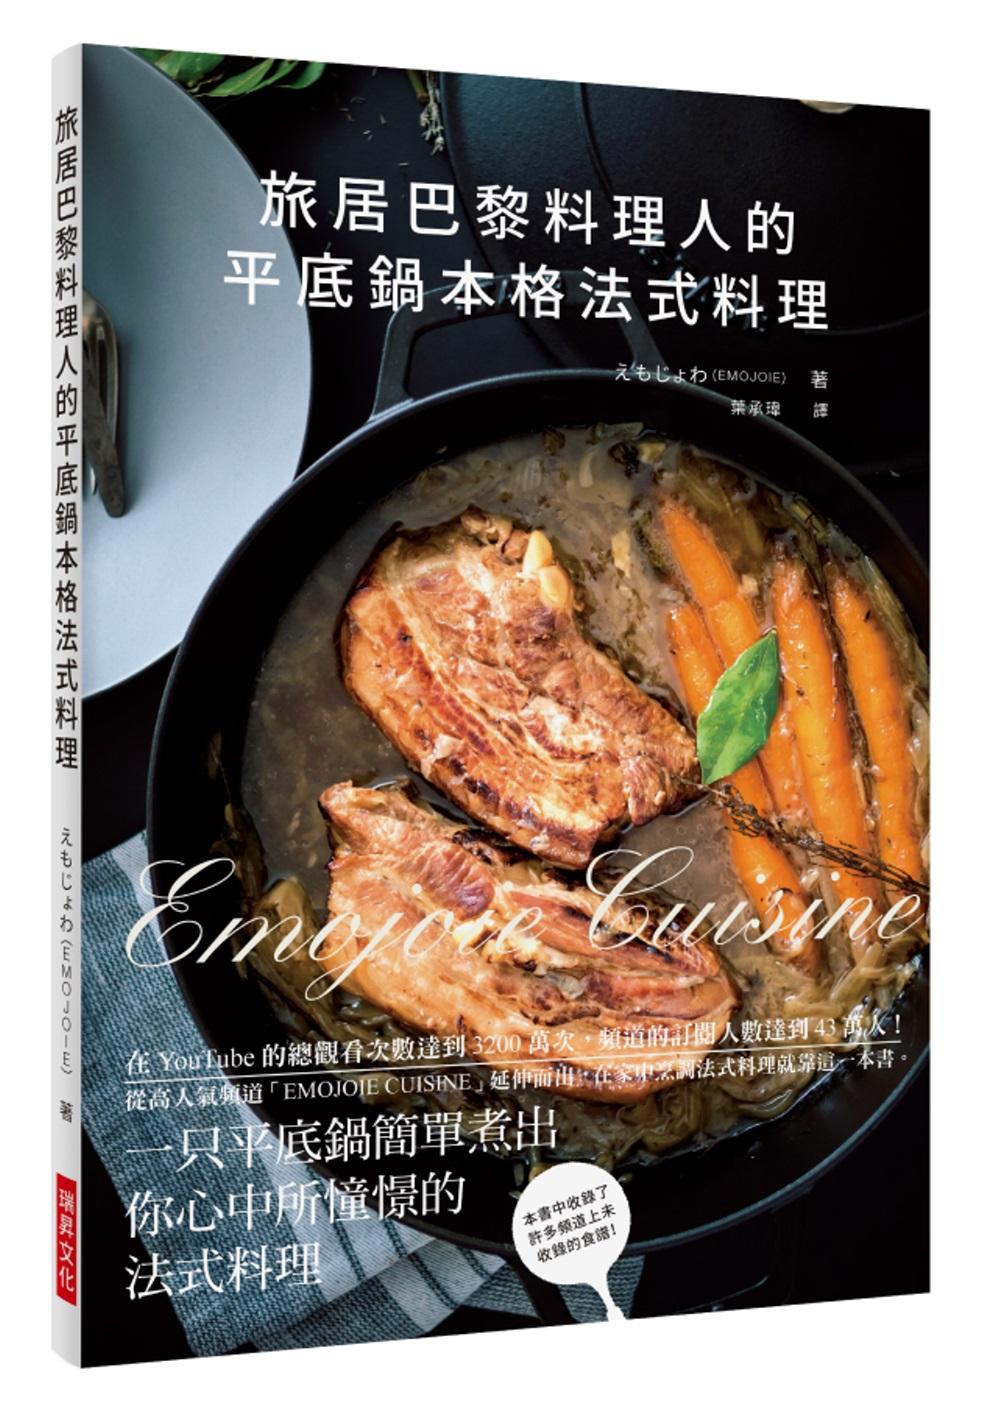 ◤博客來BOOKS◢ 暢銷書榜《推薦》旅居巴黎料理人的平底鍋本格法式料理:在YouTube的總觀看次數達到3200萬次,頻道的訂閱人數達到43萬人!在家中烹調法式料理就靠這一本書。